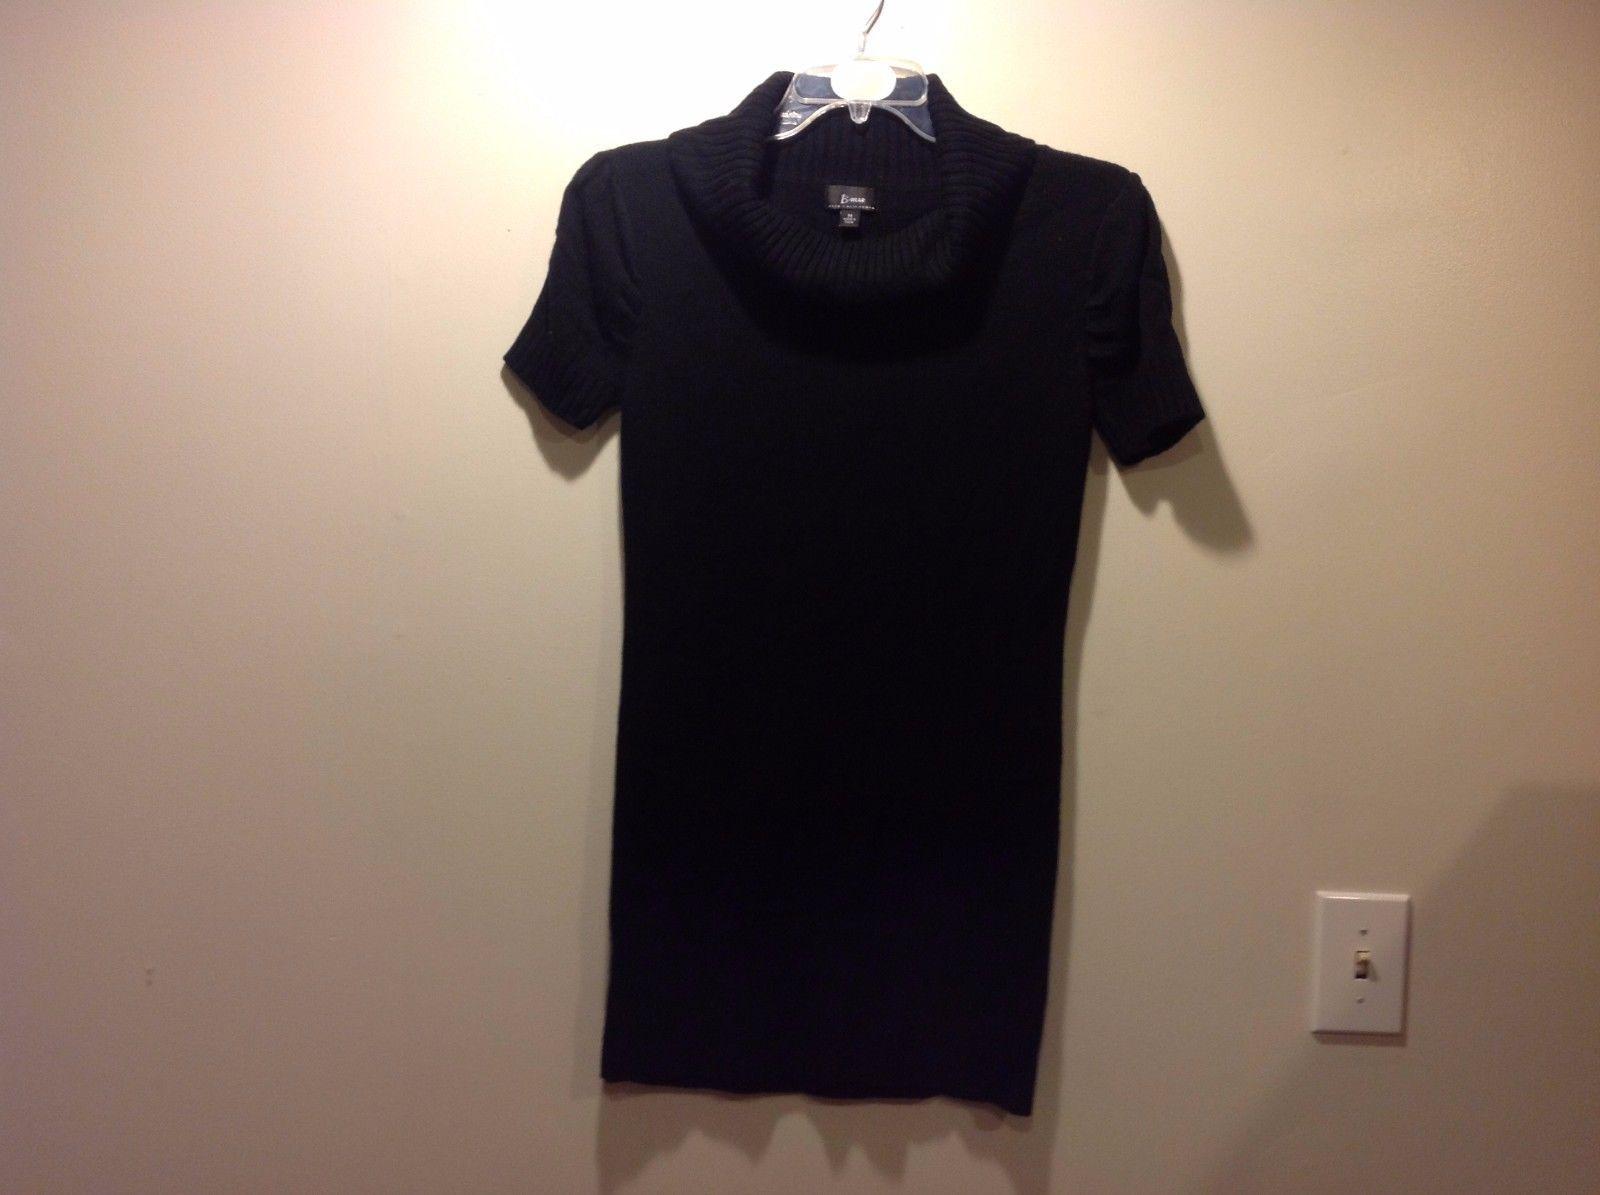 Cozy Black Short Sleeved Turtleneck Sweater Dress by B Wear Sz M